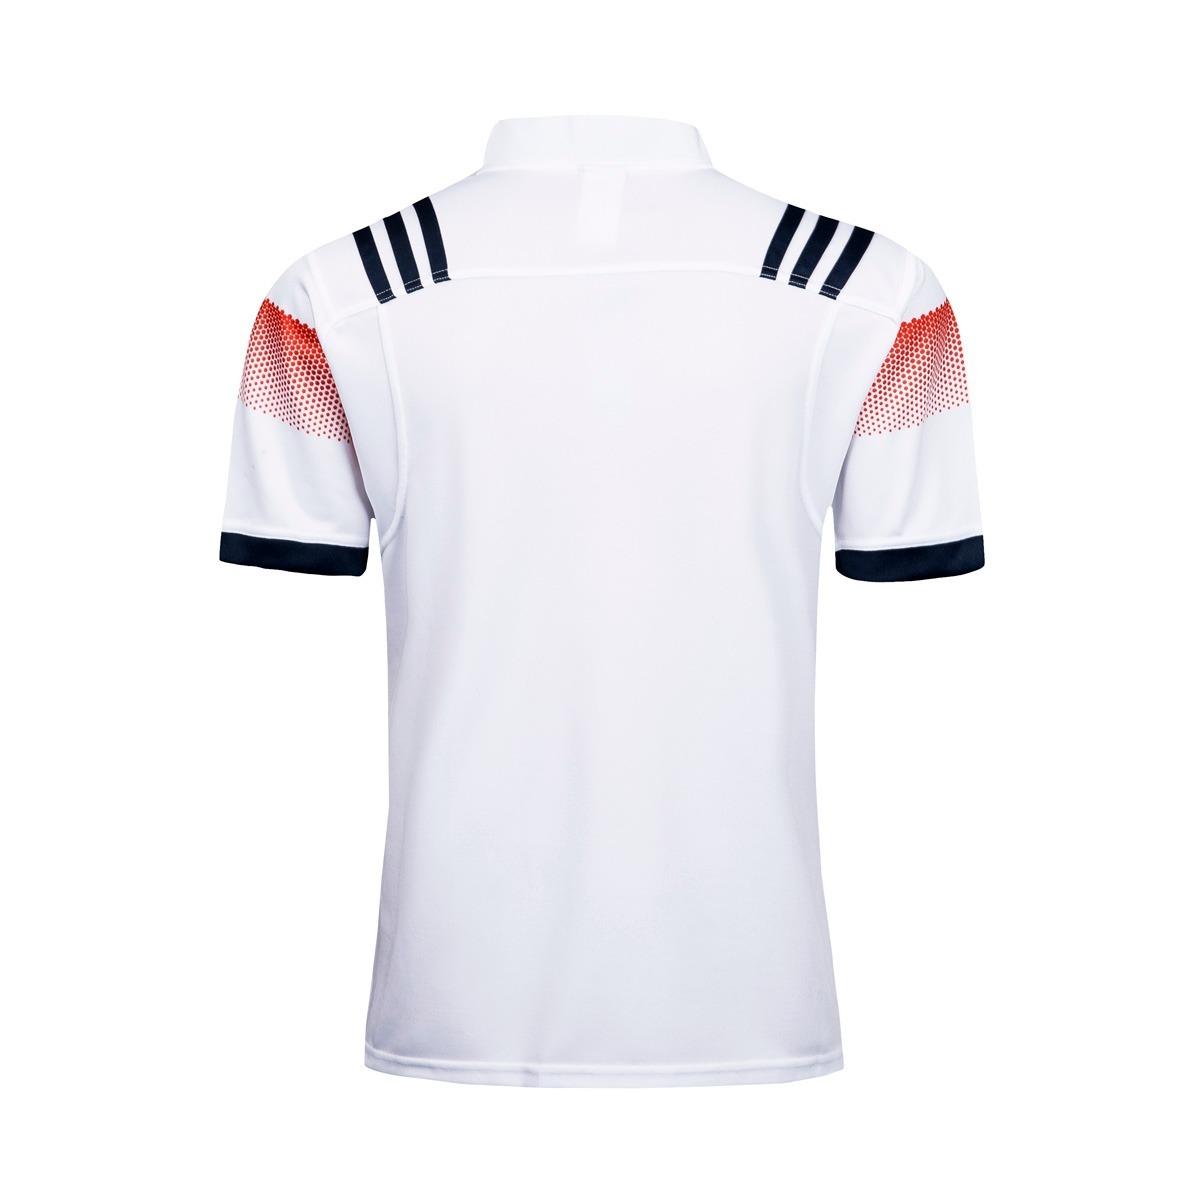 e10bbf6f86 Camisa Rugby França Away 17 18 - Seleção Francesa De Rugby - R  179 ...